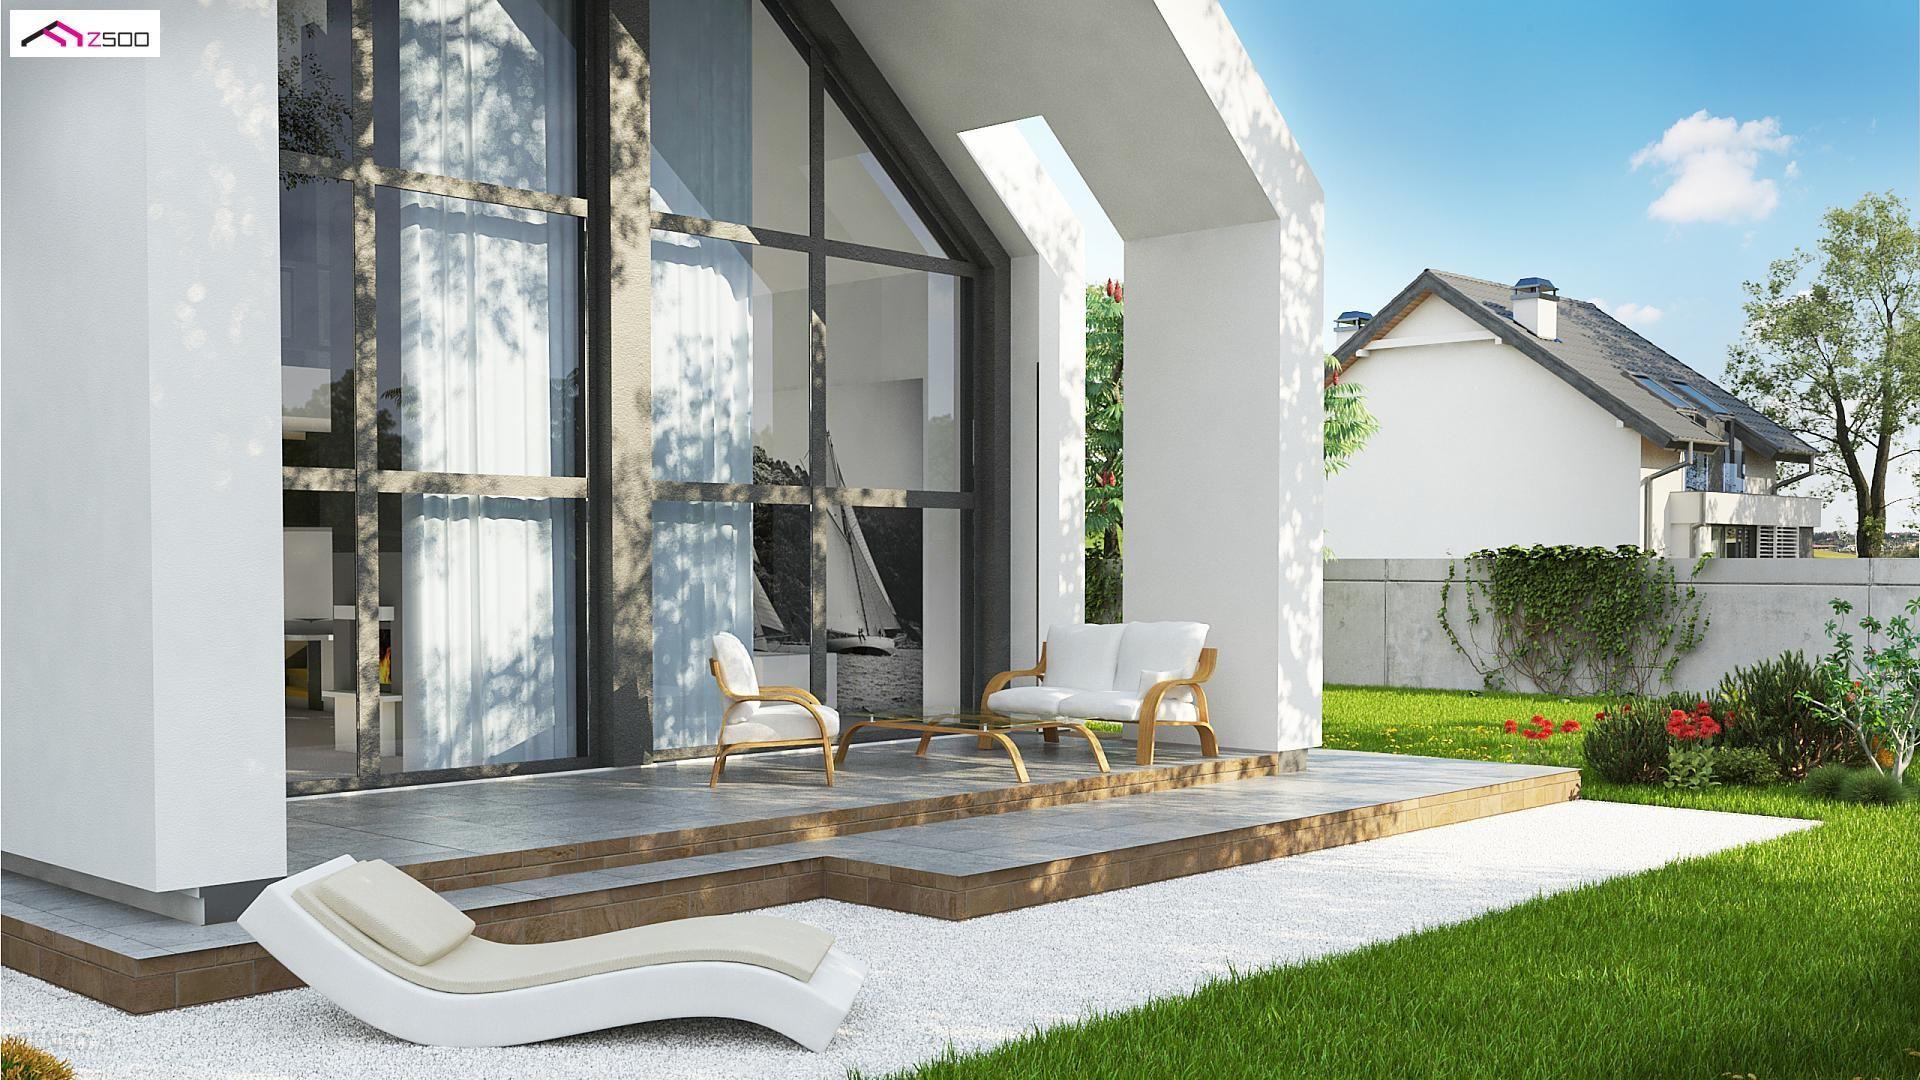 Projekt Domu Z215 A Nowoczesny Dom Typu Stodoła Z Dachem 2 Spadowym